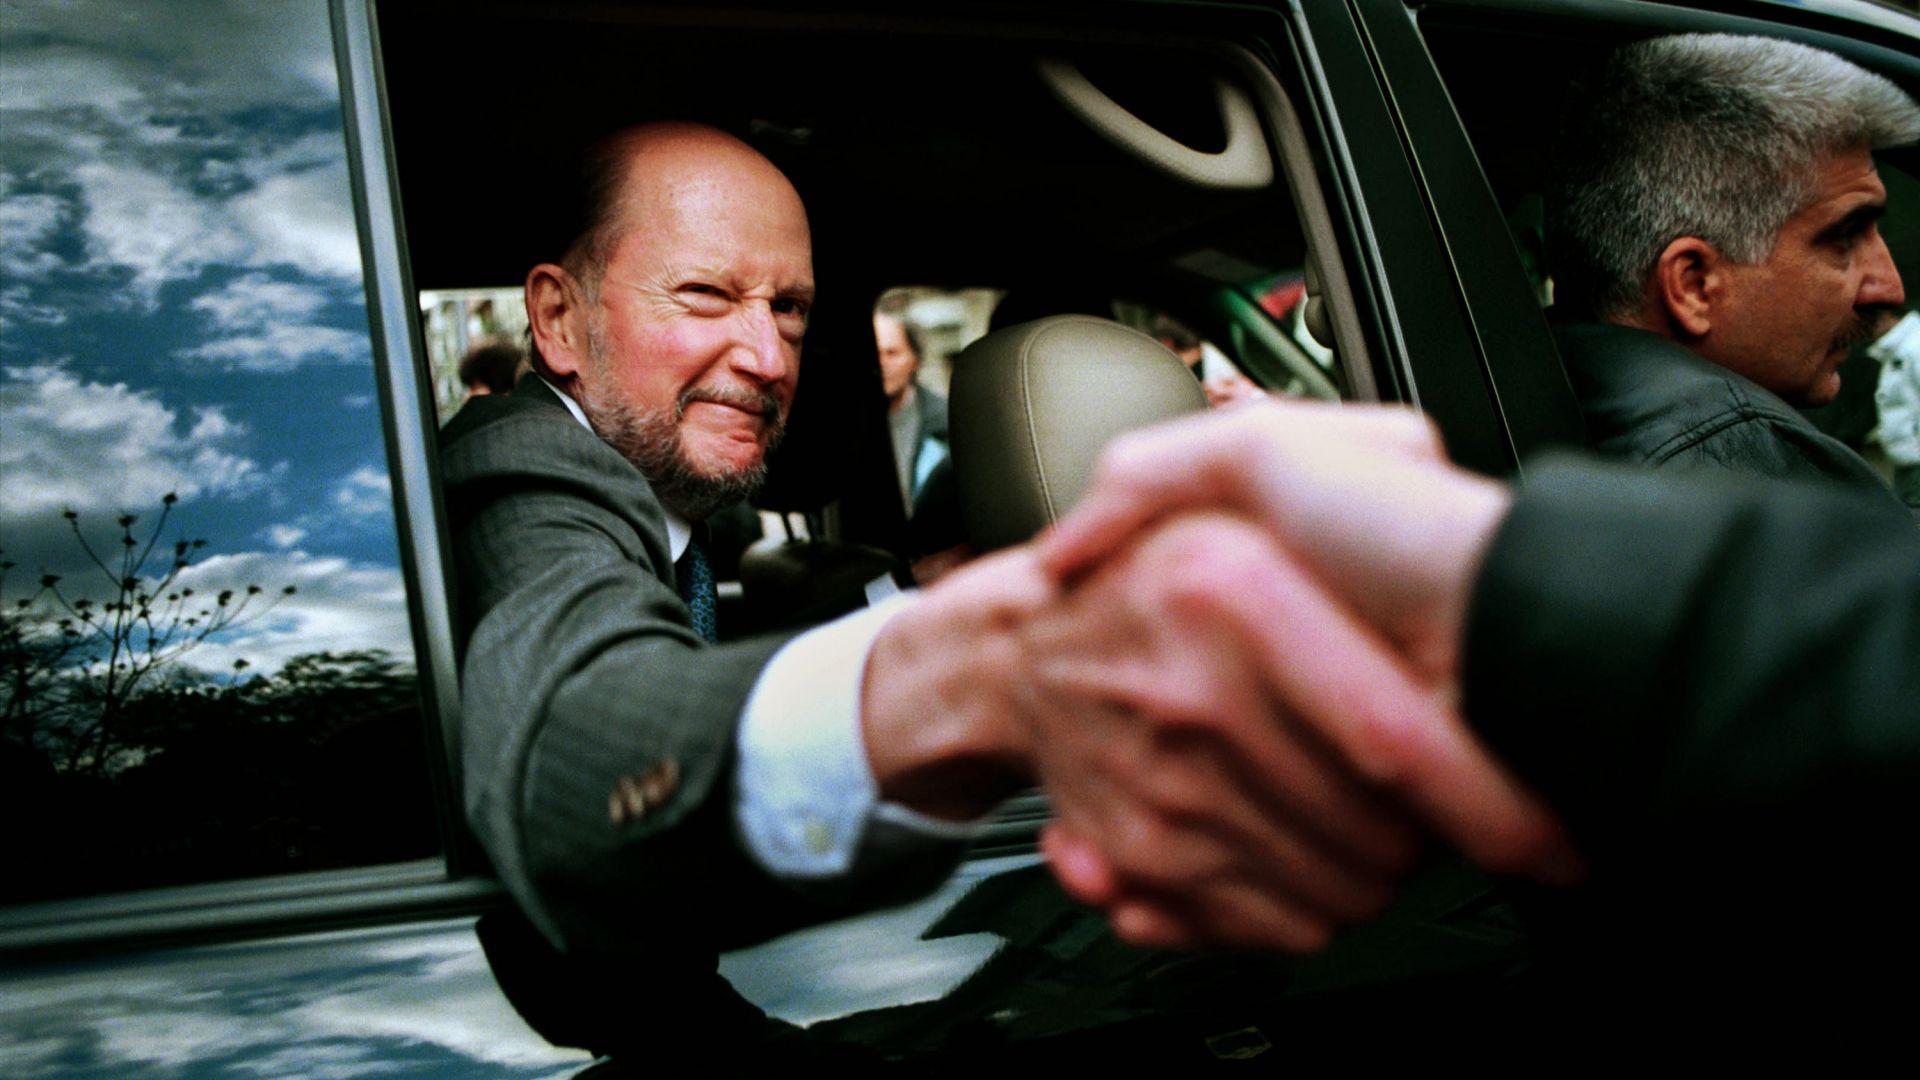 Сакскобургготски няма да има претенции за обезщетения за имотите му